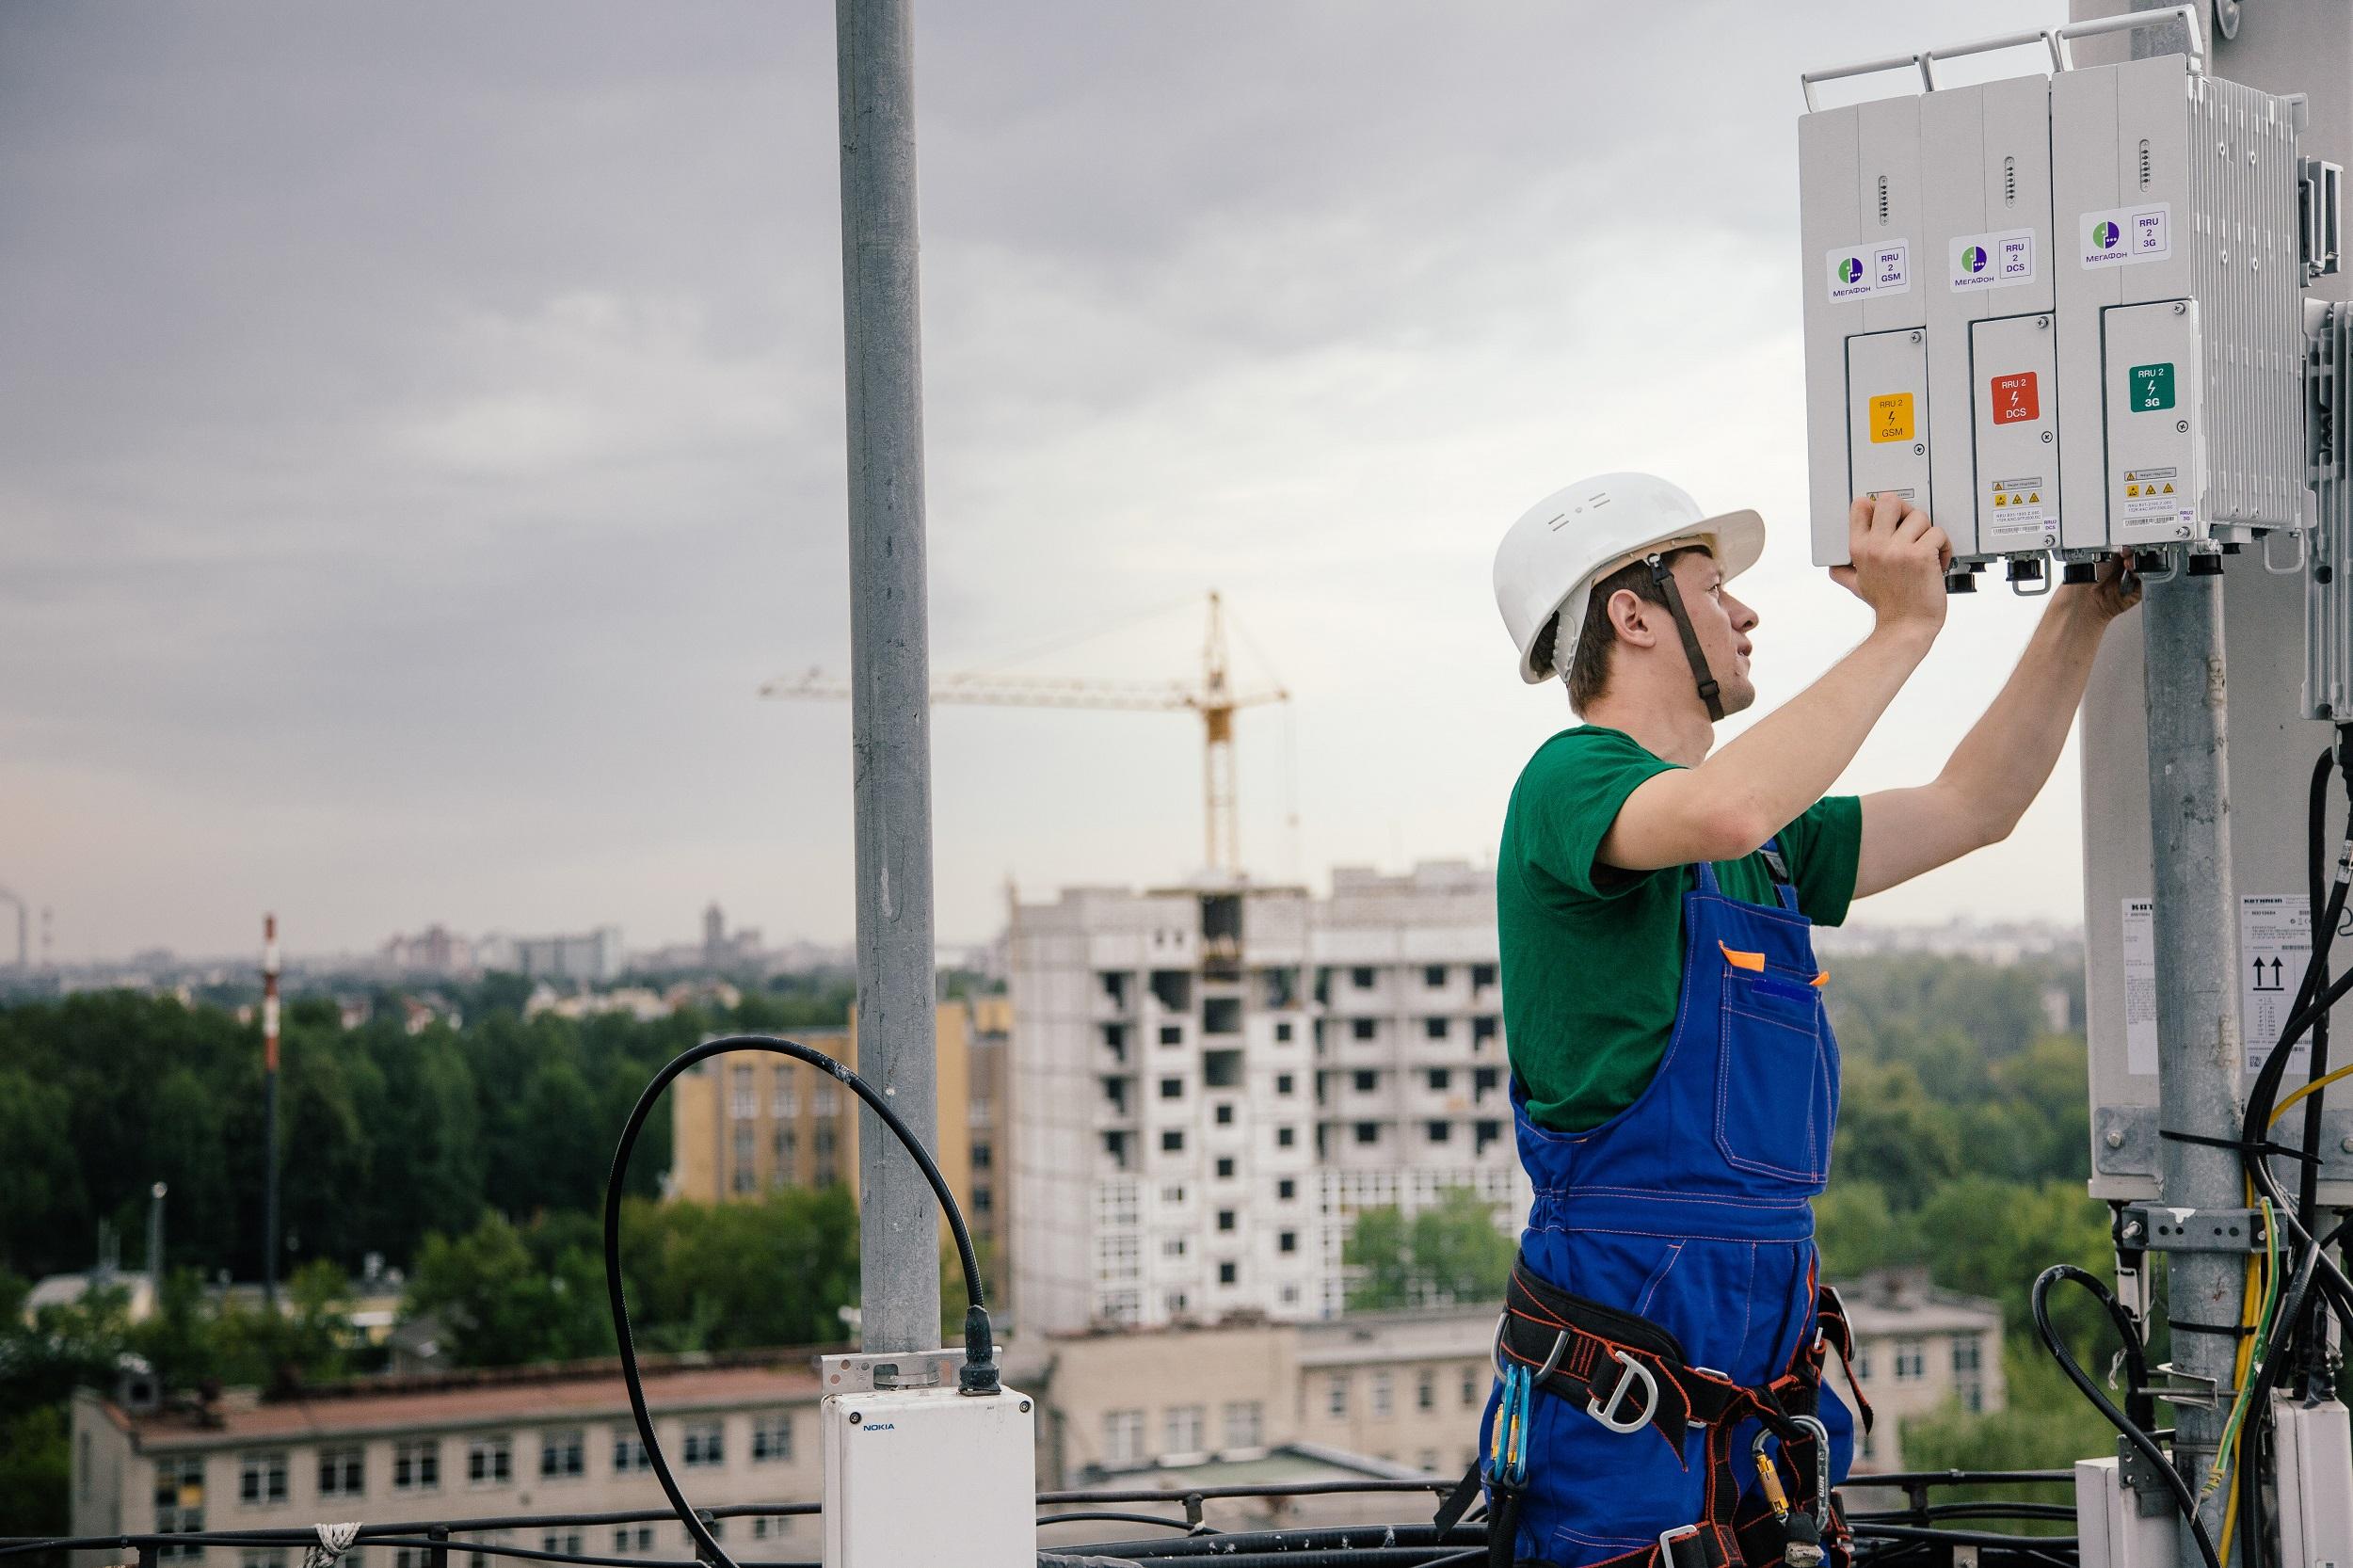 МегаФон признан лидером по числу 4G базовых станций